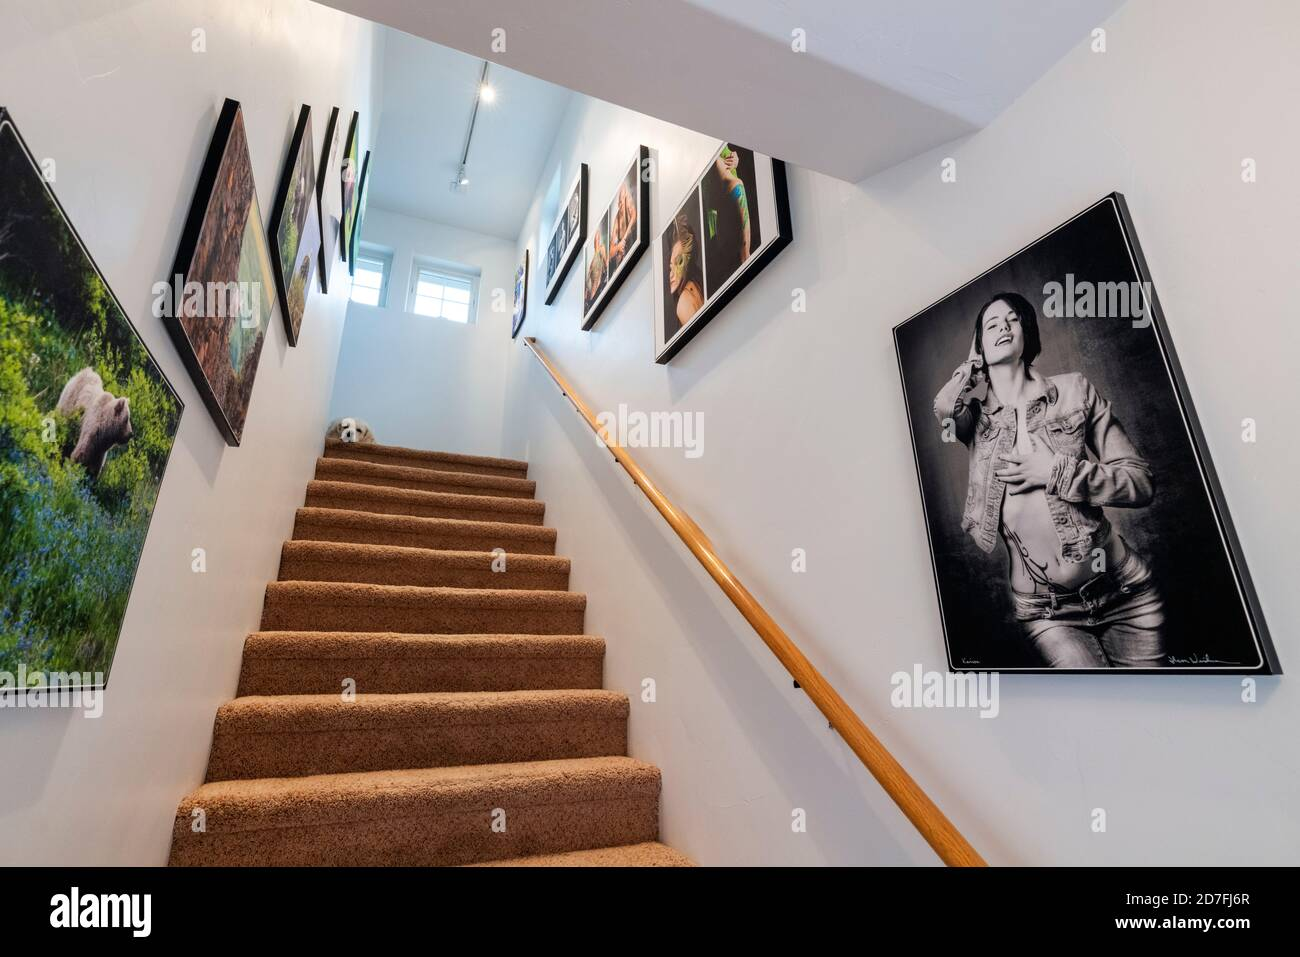 Escalier de bureau décoré avec la faune et le portrait de tatouage reproductions photographiques Gicleé. Chien Golden Retriever de couleur platine en haut des marches. Banque D'Images